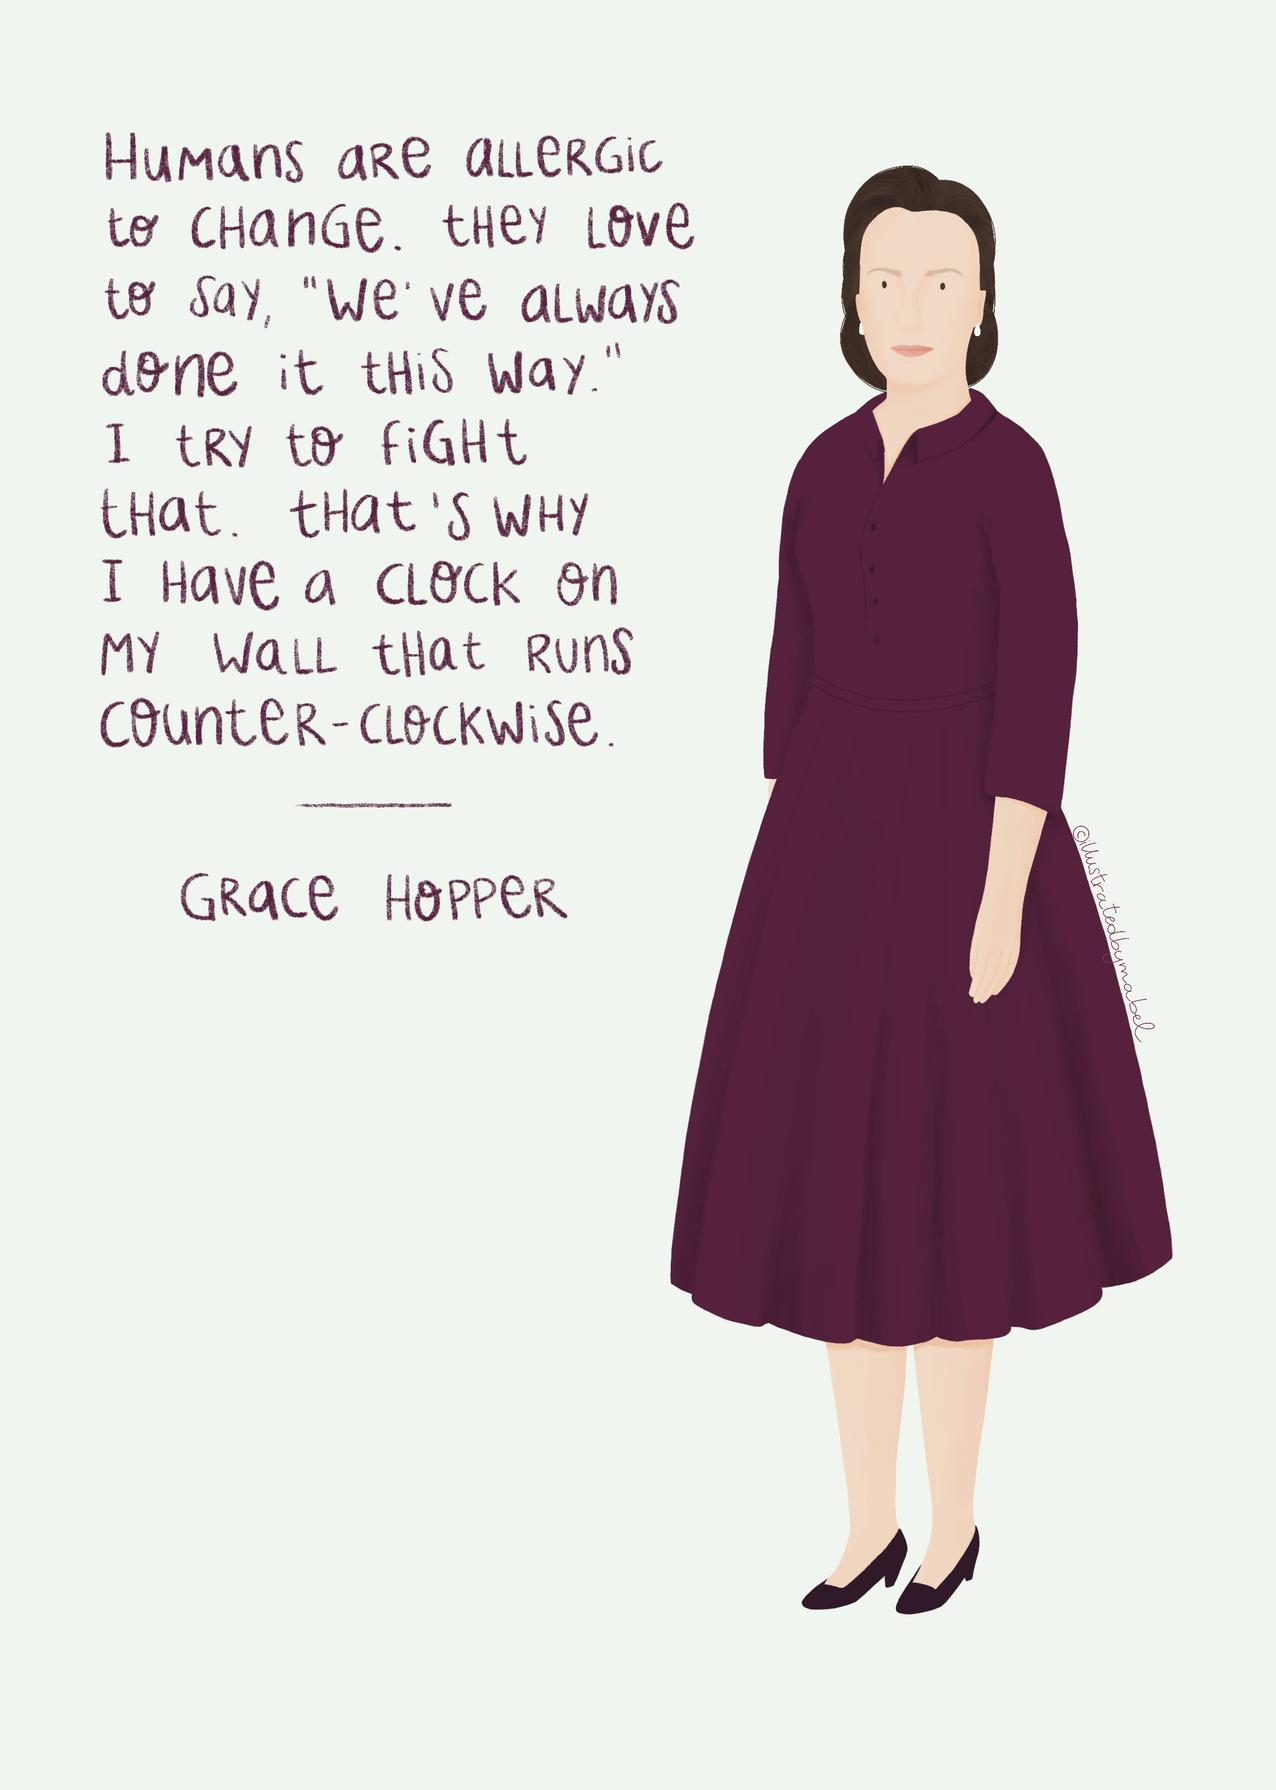 Grace Hopper illustration